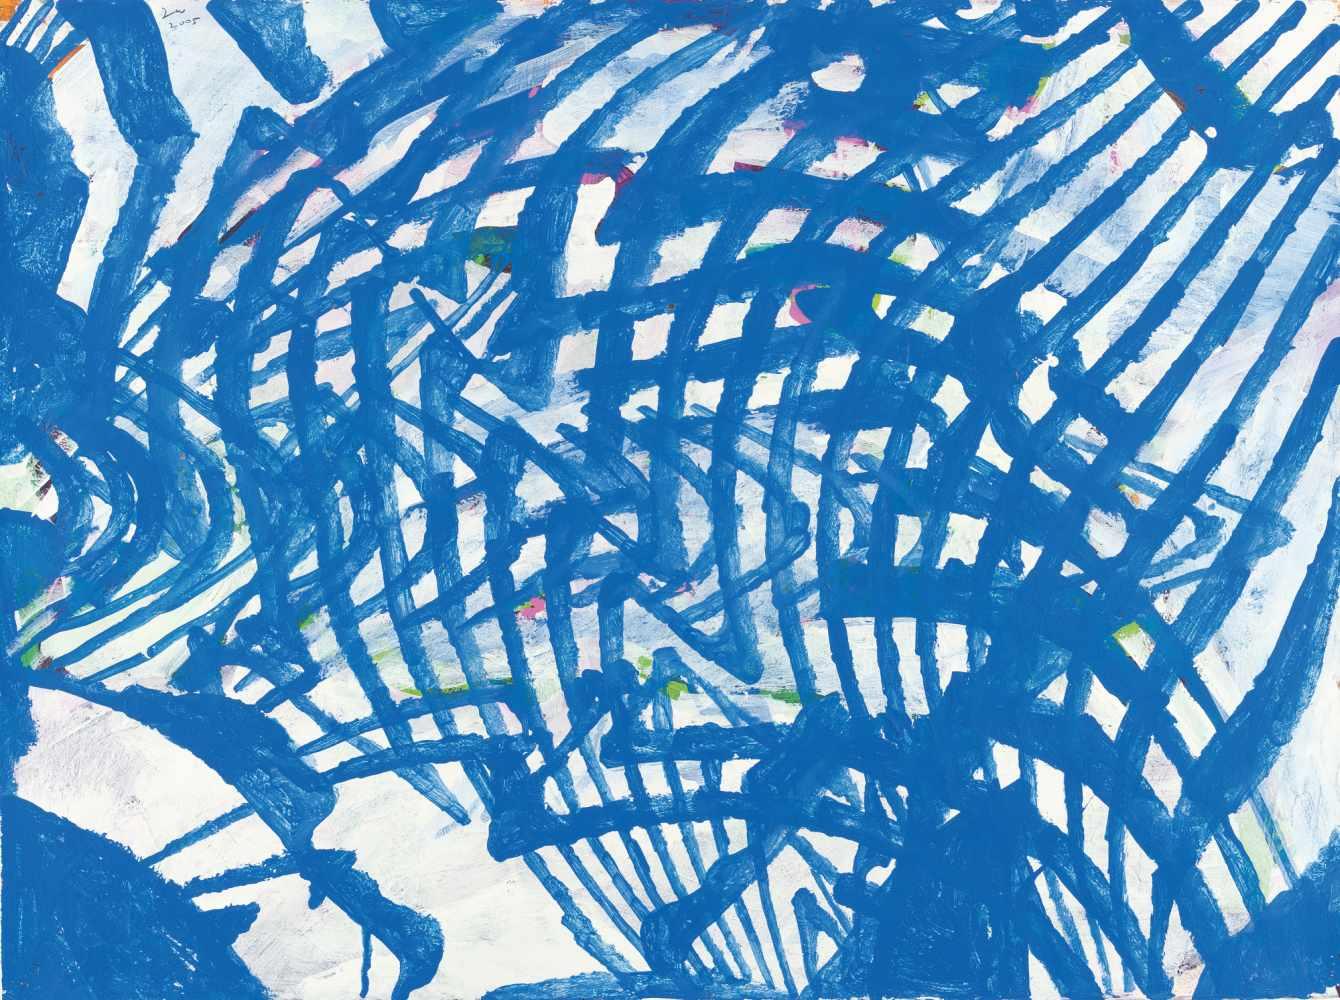 Vente Zeitgenössische Kunst / Contemporary Art chez Karl & Faber Kunstauktionen : 276 lots